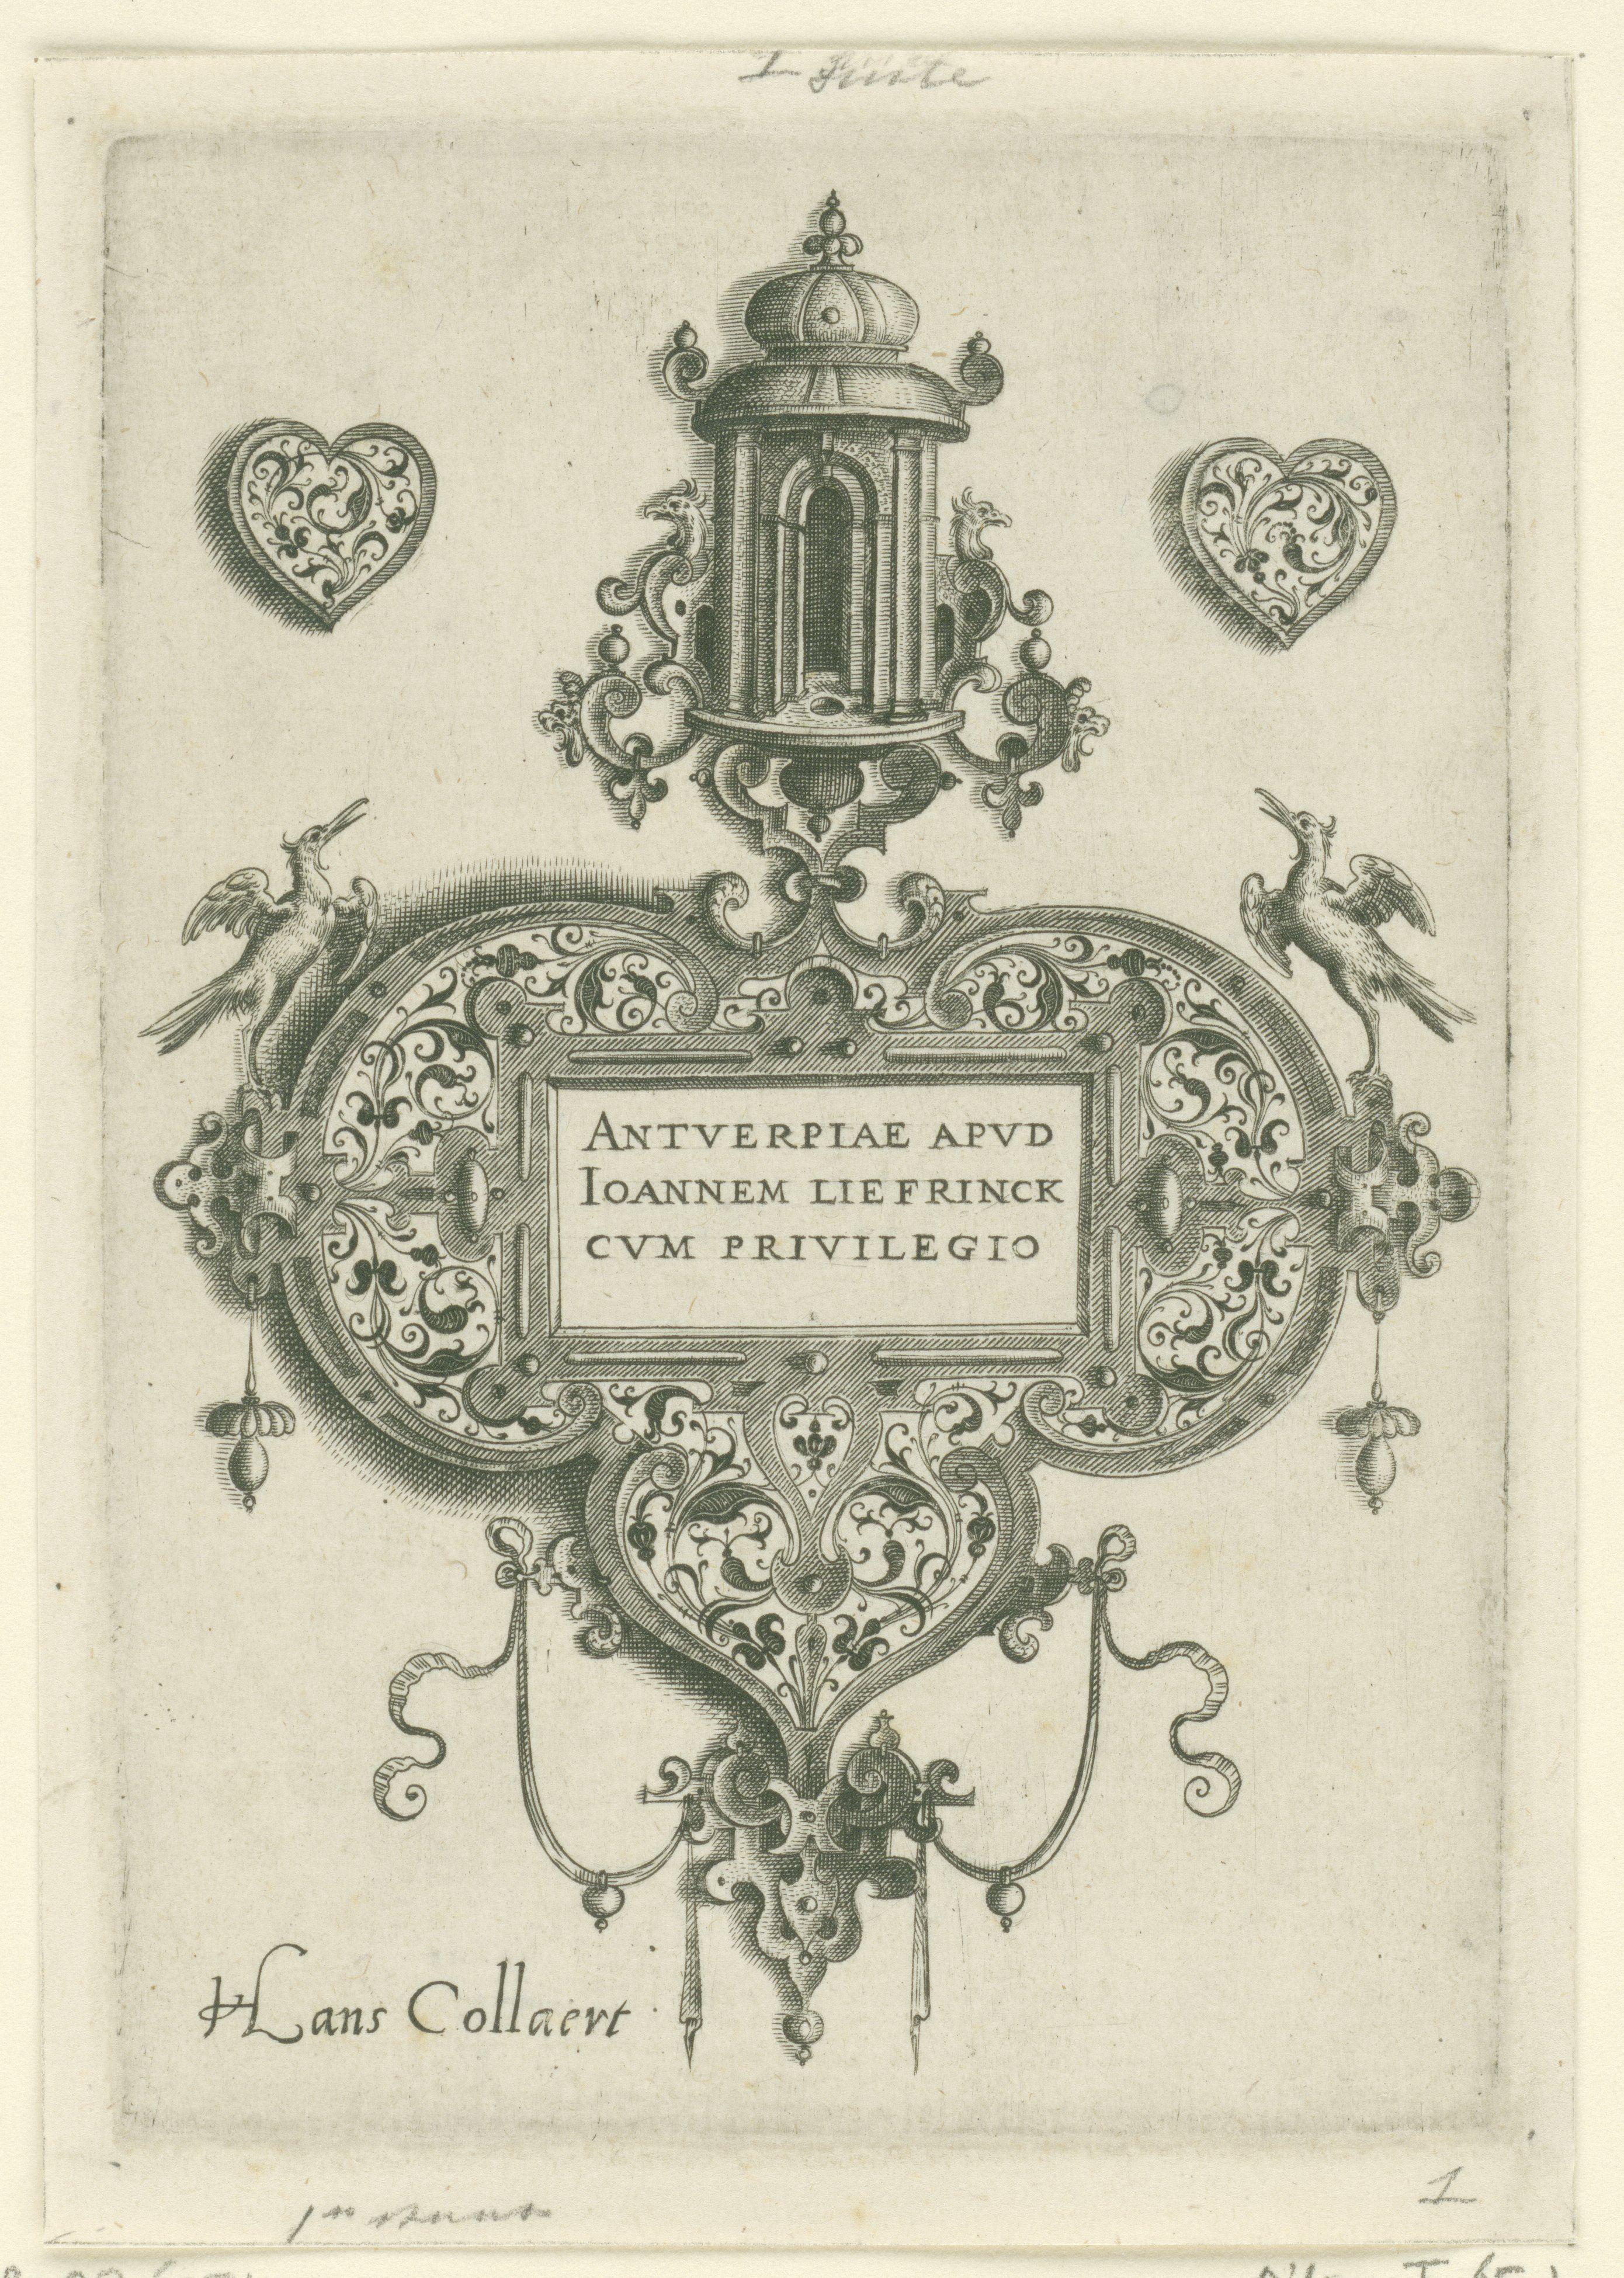 Hans Collaert I, Hans friedrick collaert II, avant 1573